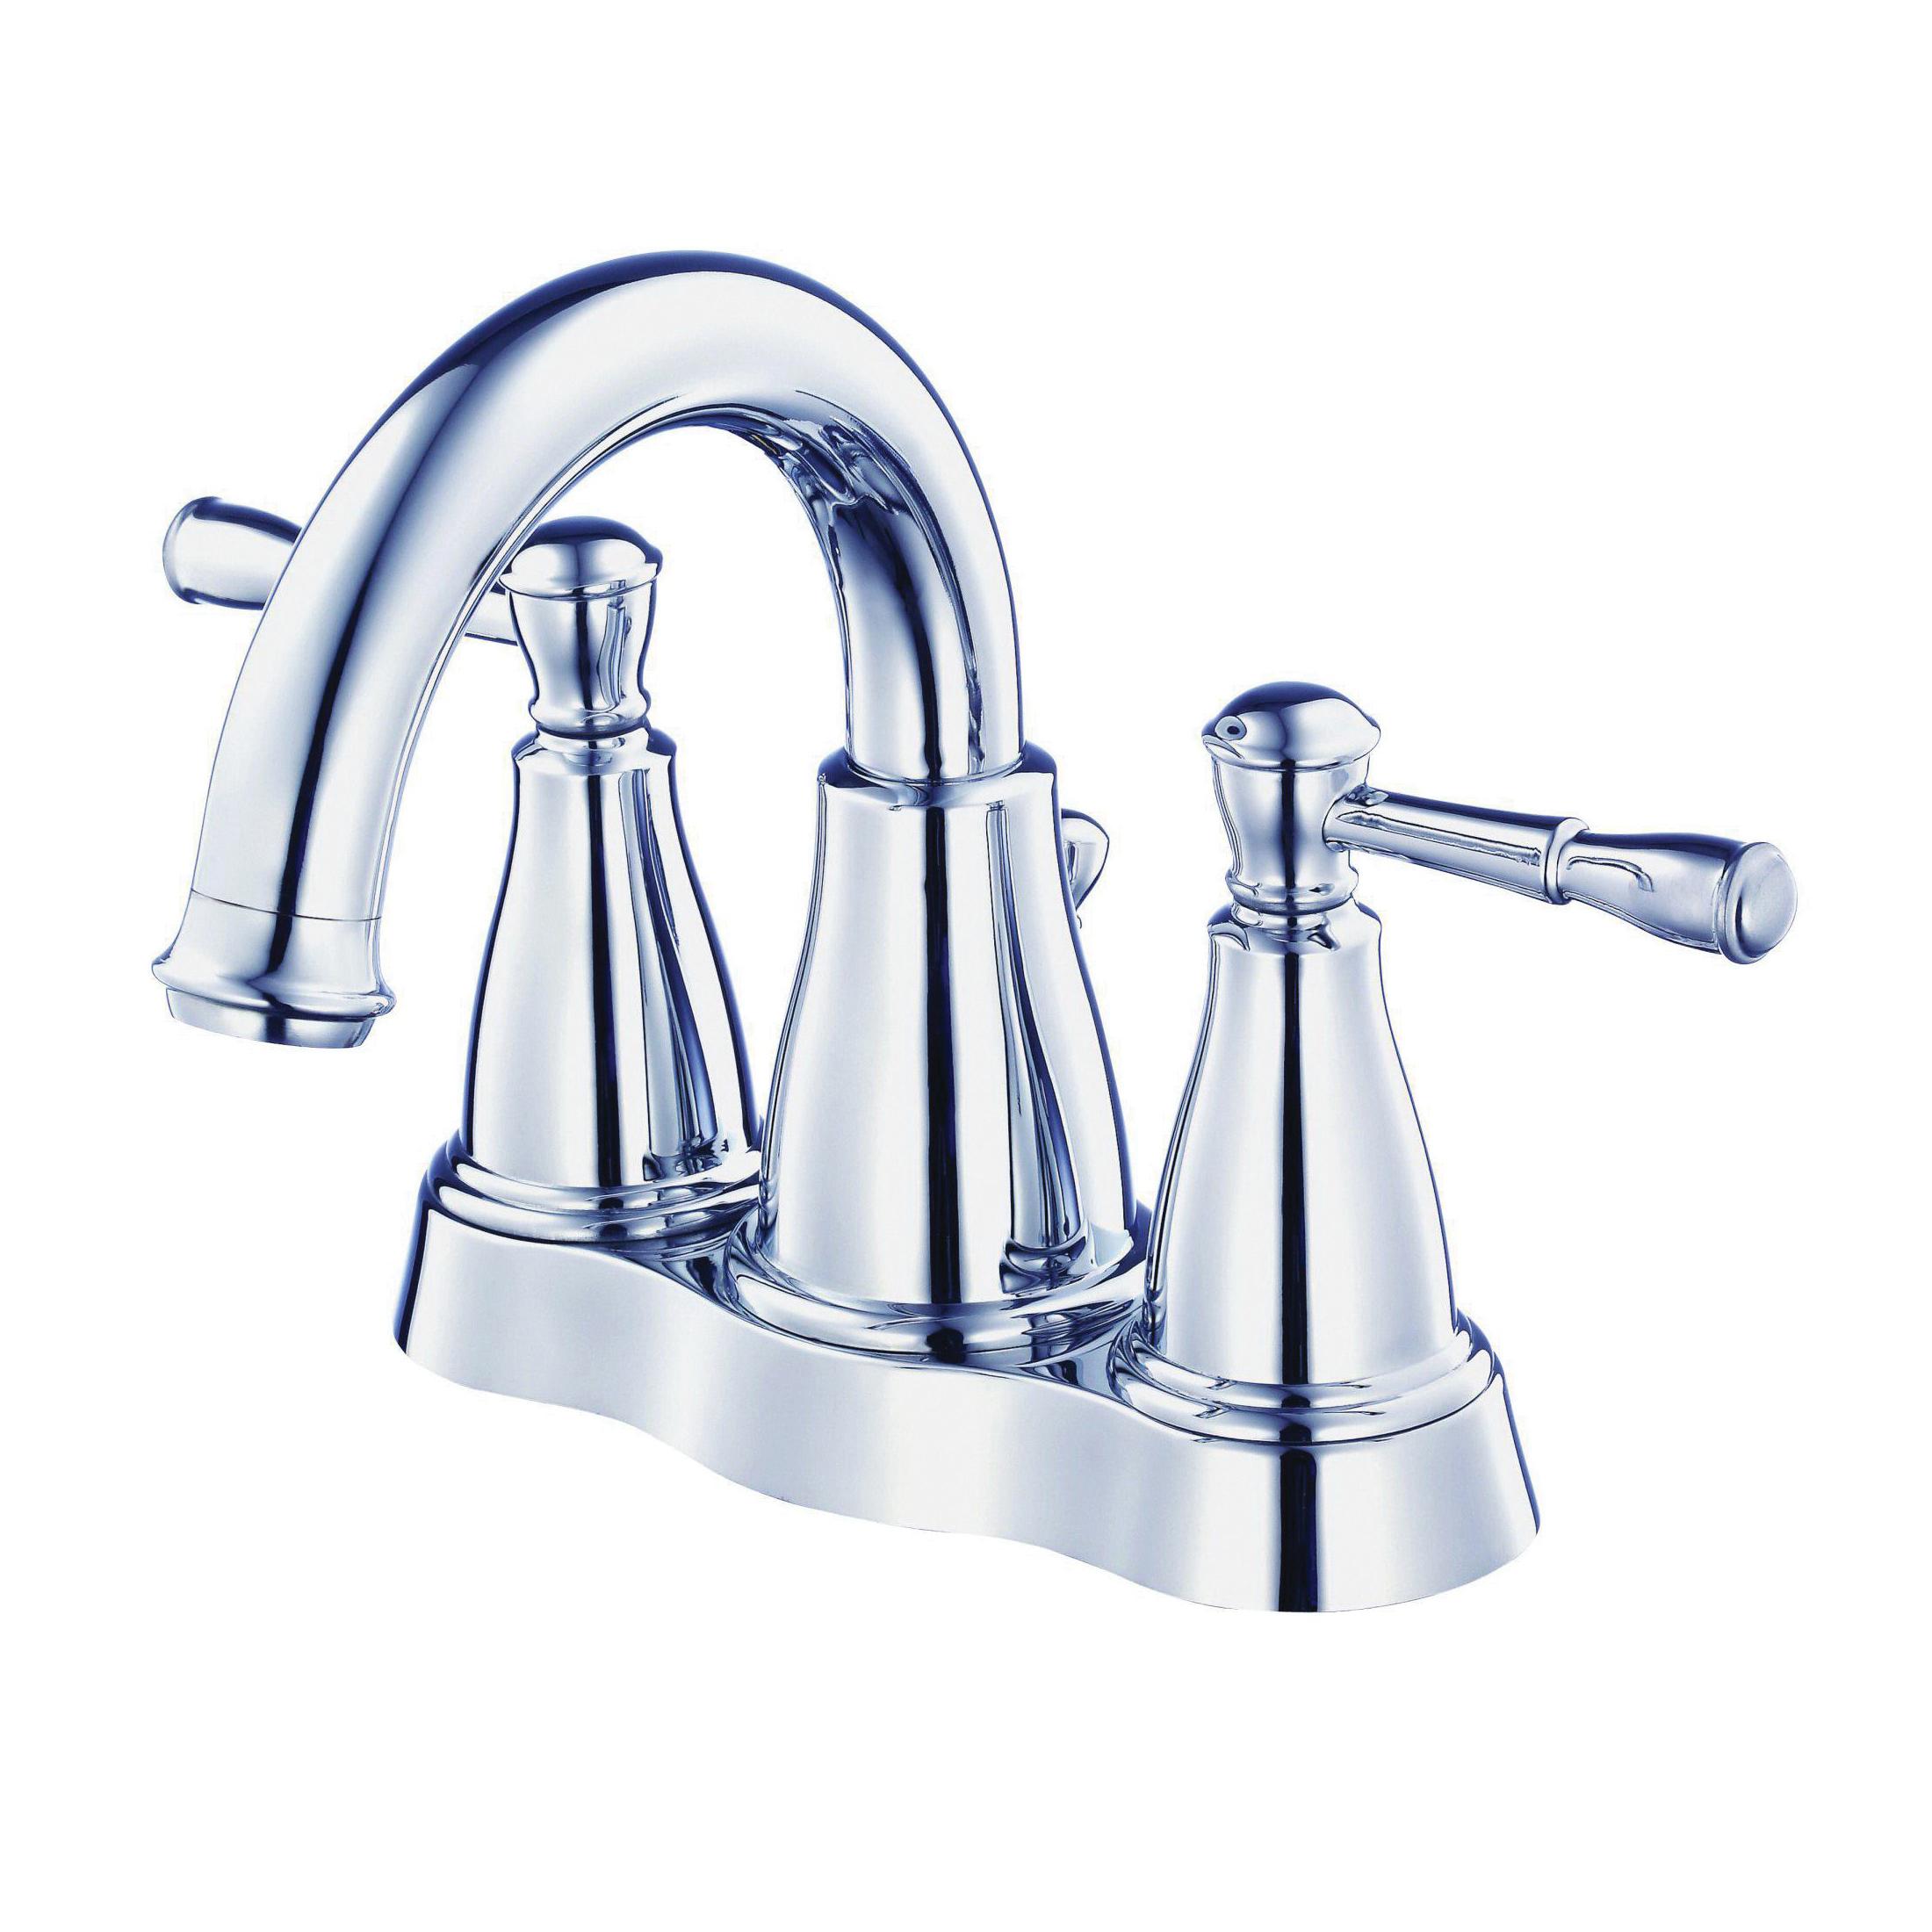 d301115 centerset lavatory faucet